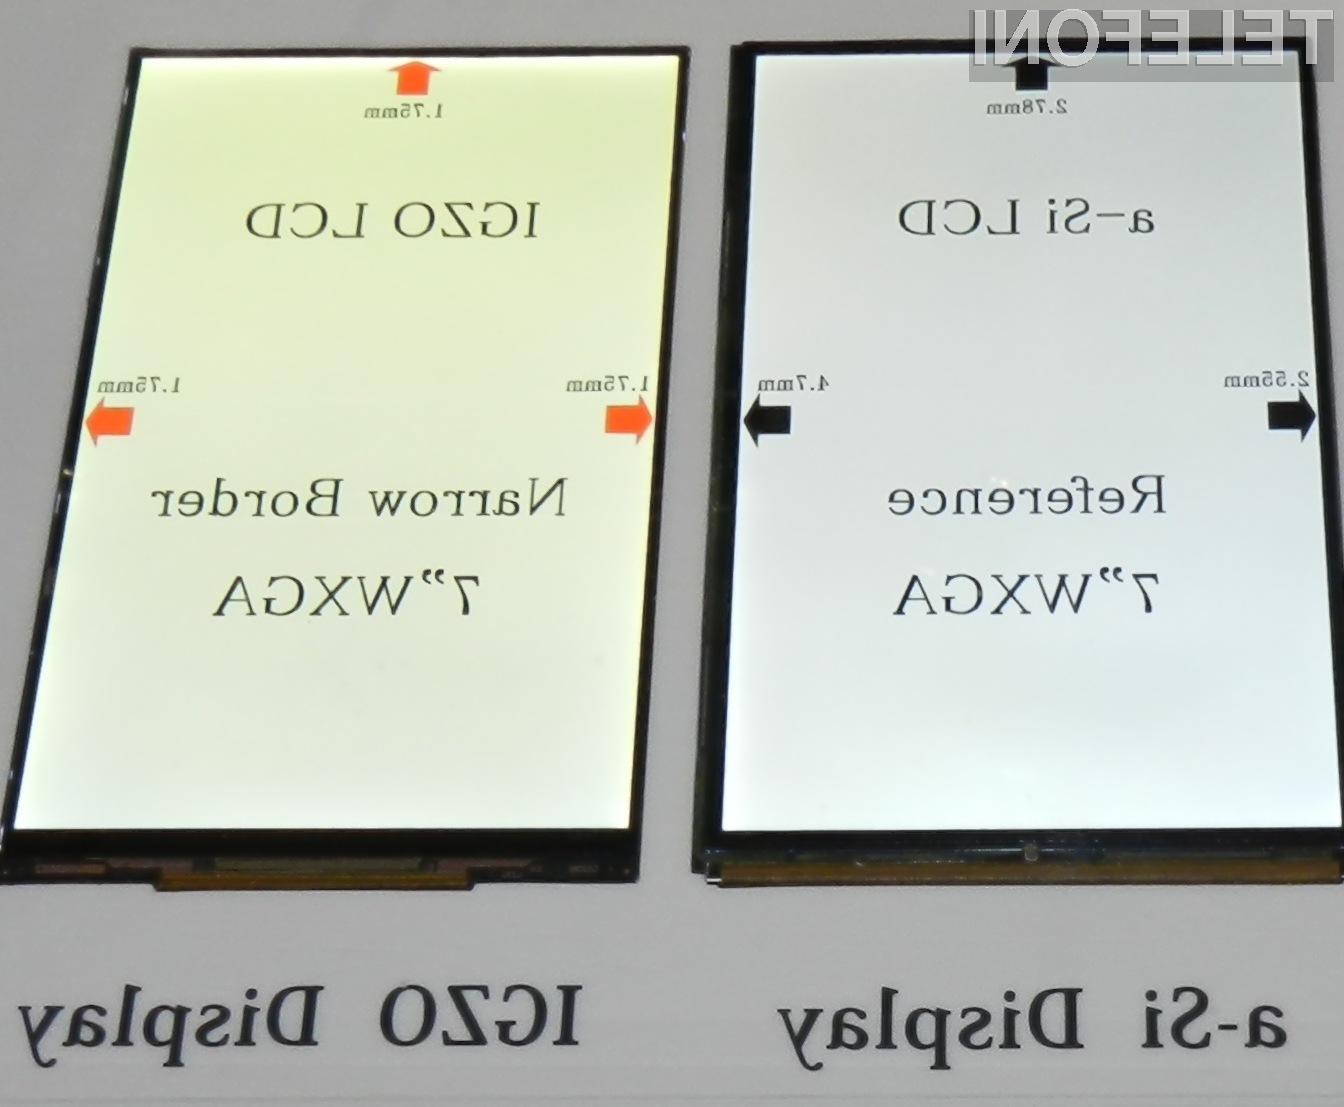 Tehnologija IGZO omogoča izdelavo zaslonov izjemno visokih ločljivosti.